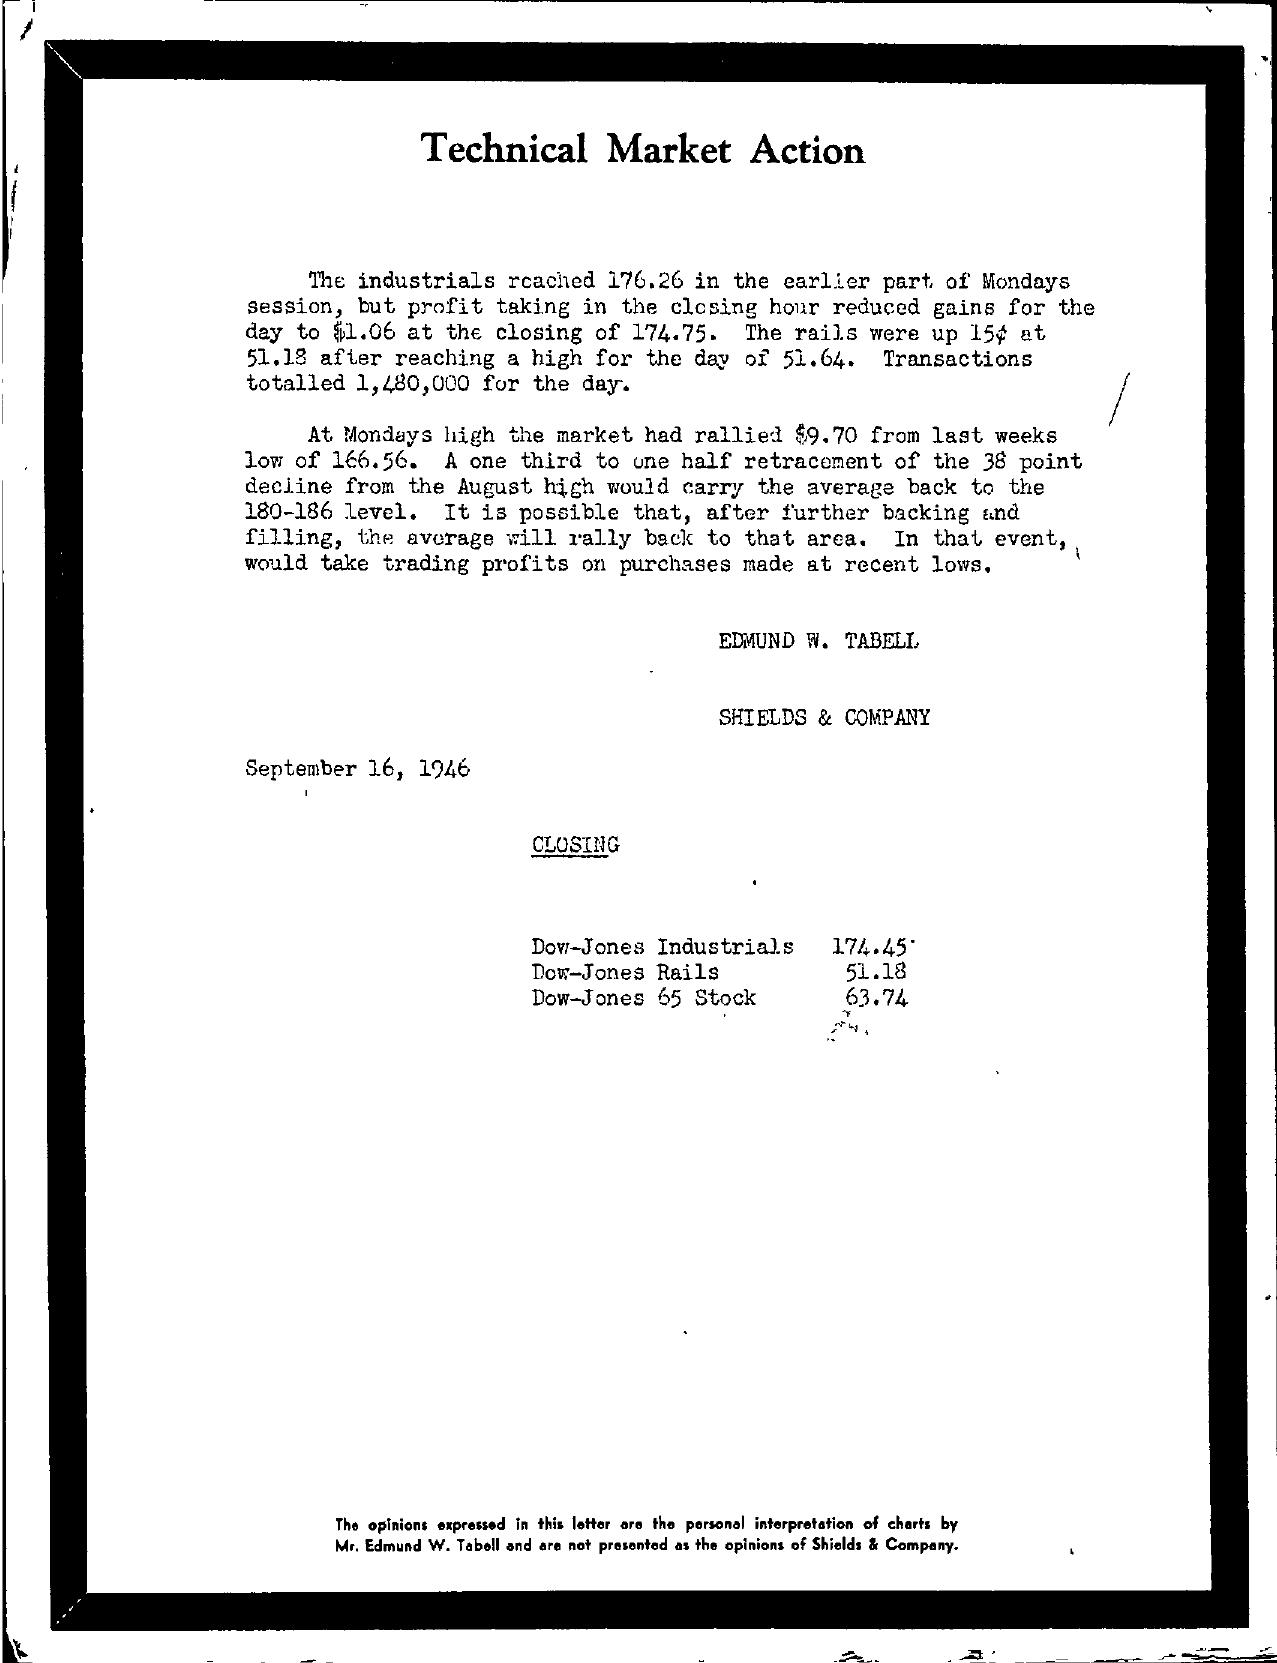 Tabell's Market Letter - September 16, 1946